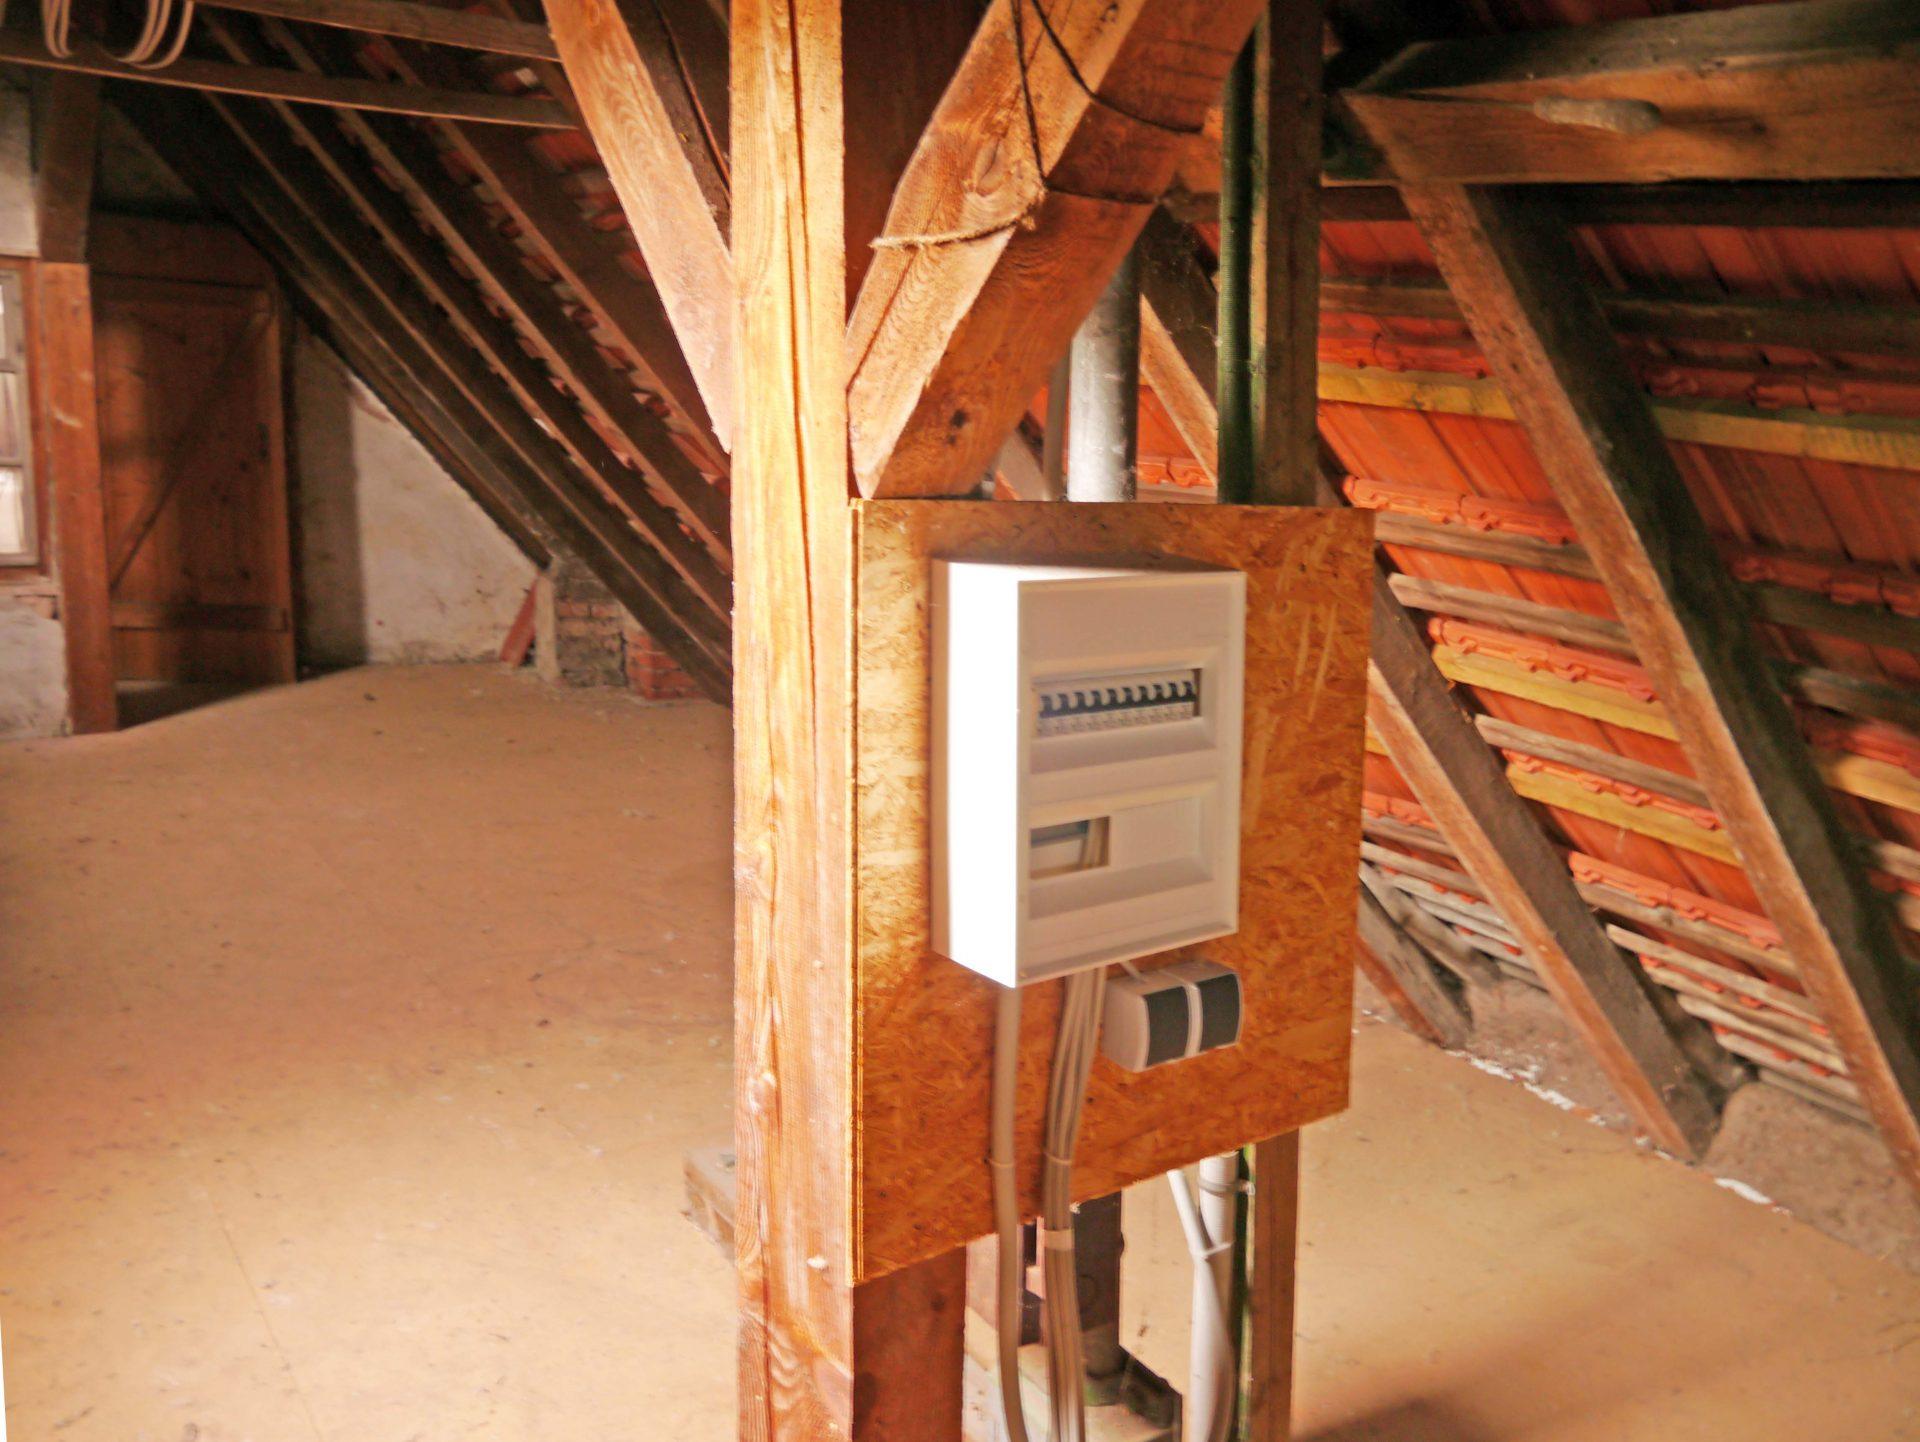 Malerisch Dachboden Foto Von Dachboden, Unterverteilung